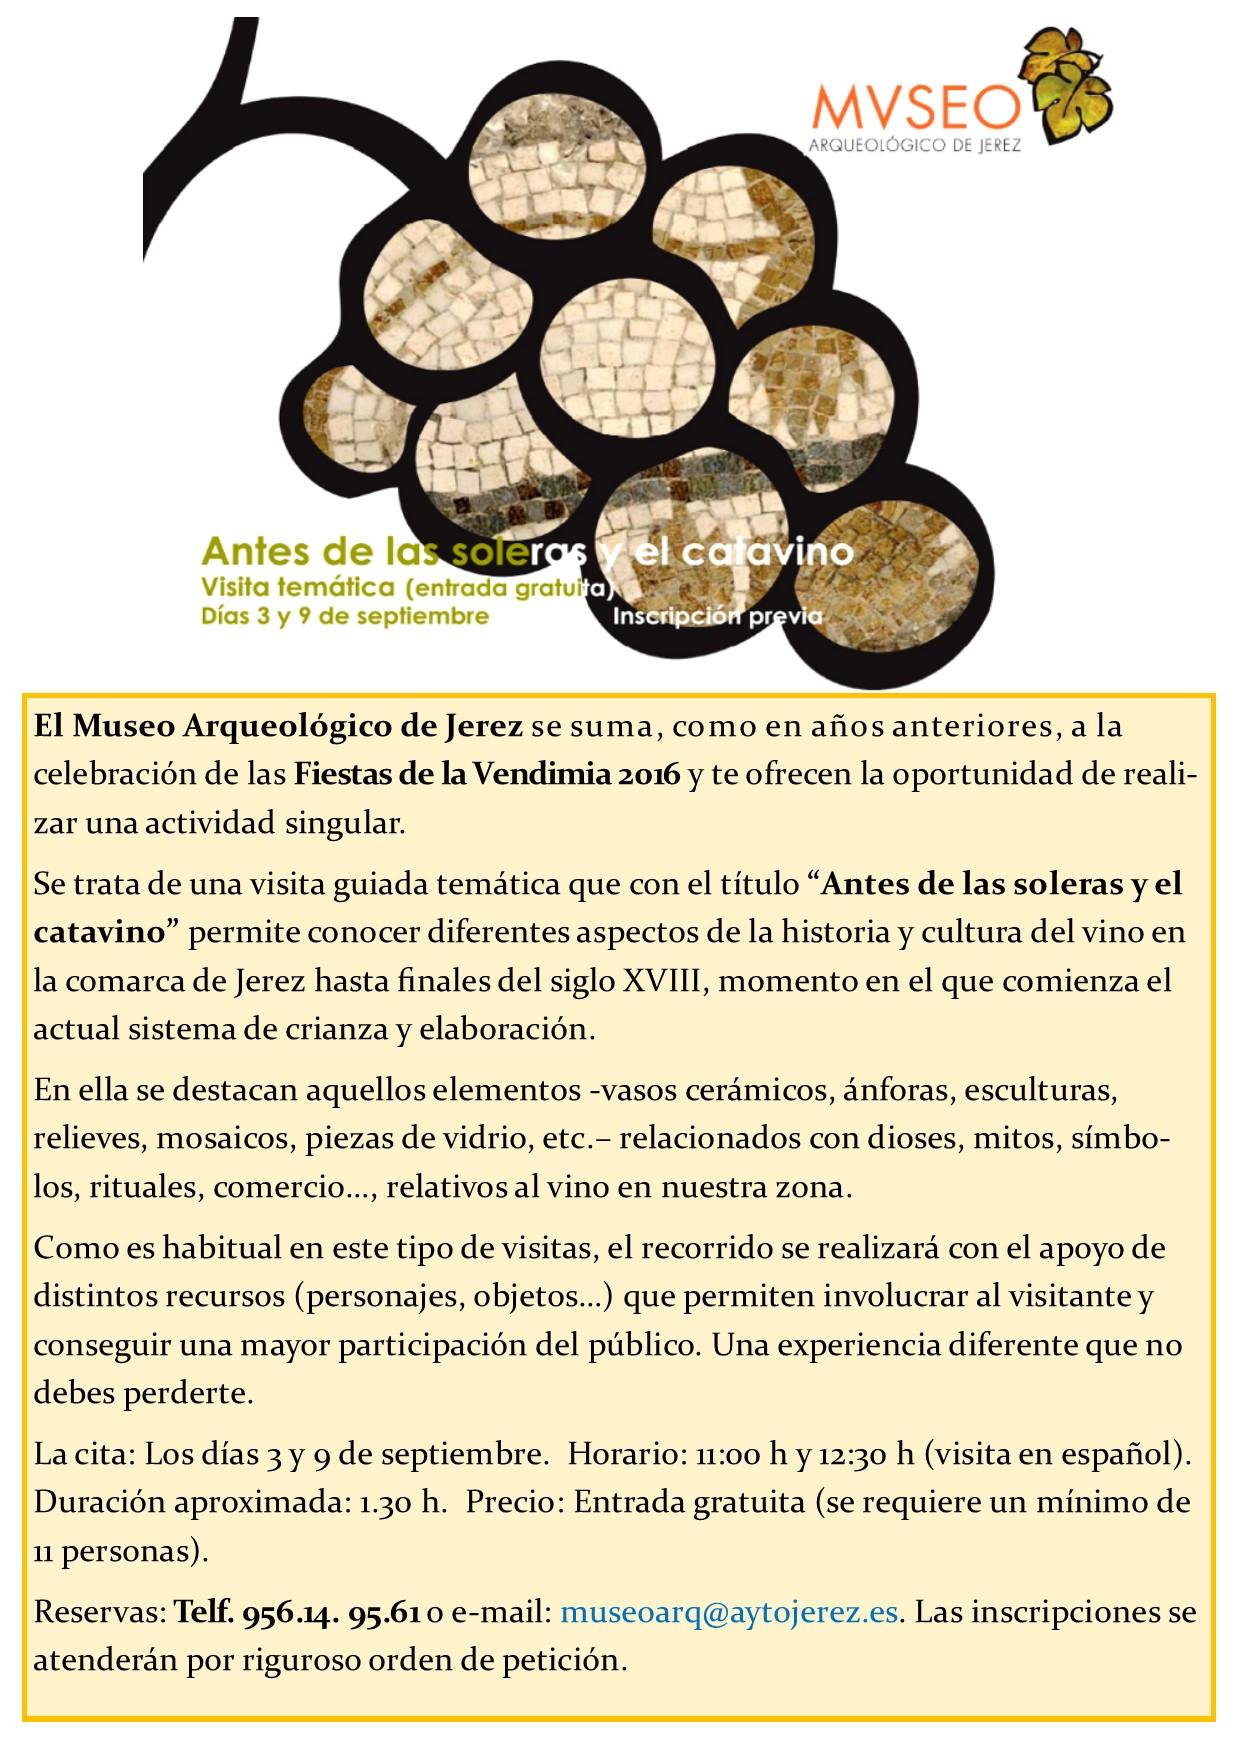 """Discover Sherry recommends: """"Antes de las soleras y el catavino"""" en el Museo Arqueológico de Jerez.(Spanish)"""